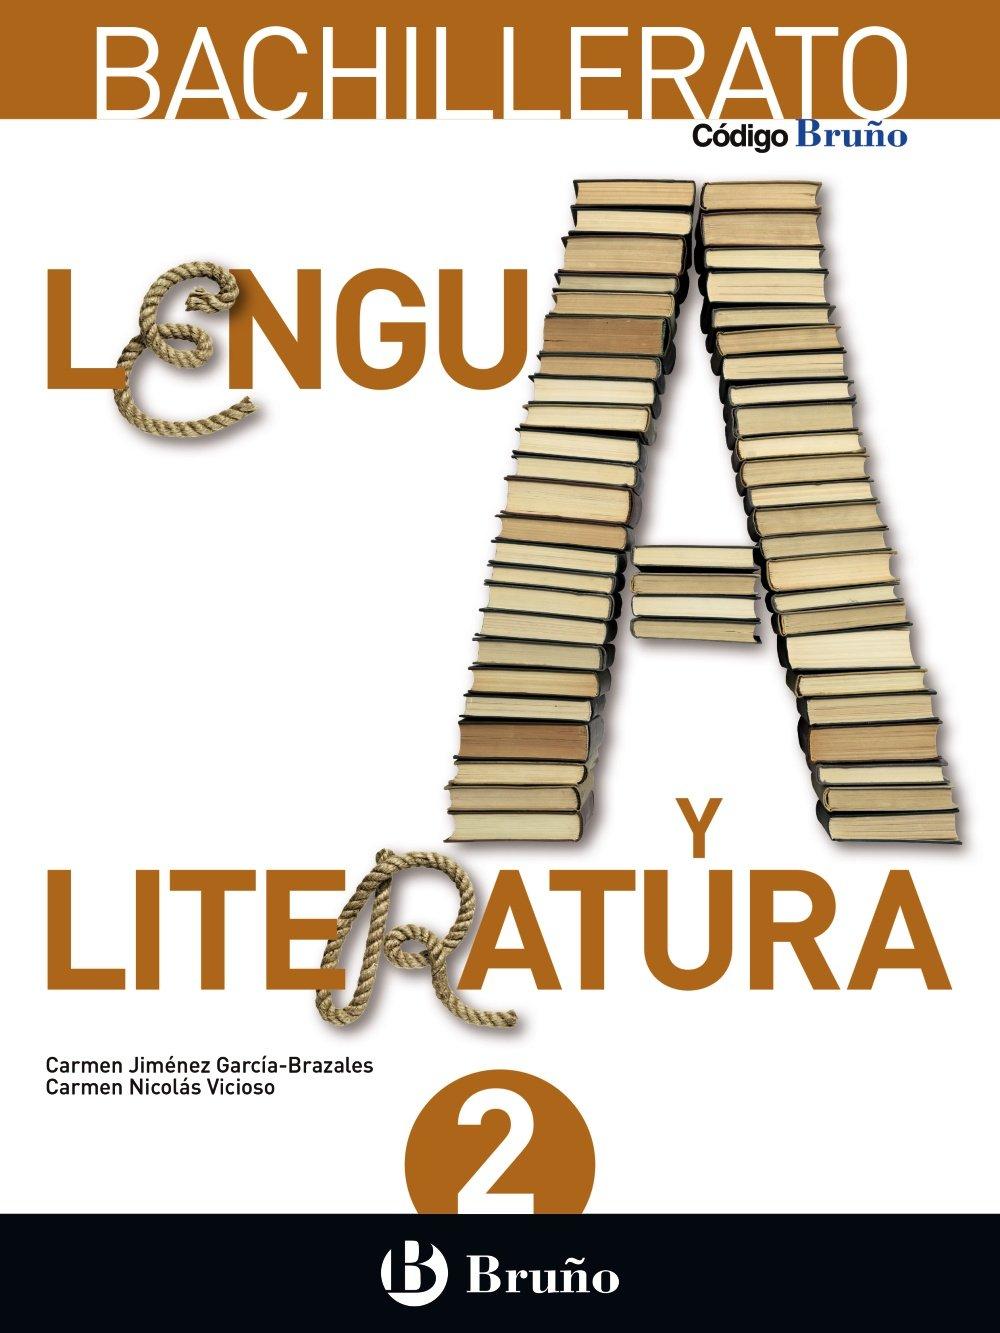 Código Bruño Lengua y Literatura 2 Bachillerato - 9788469611531: Amazon.es: Jiménez García-Brazales, Carmen, Nicolás Vicioso, Carmen: Libros